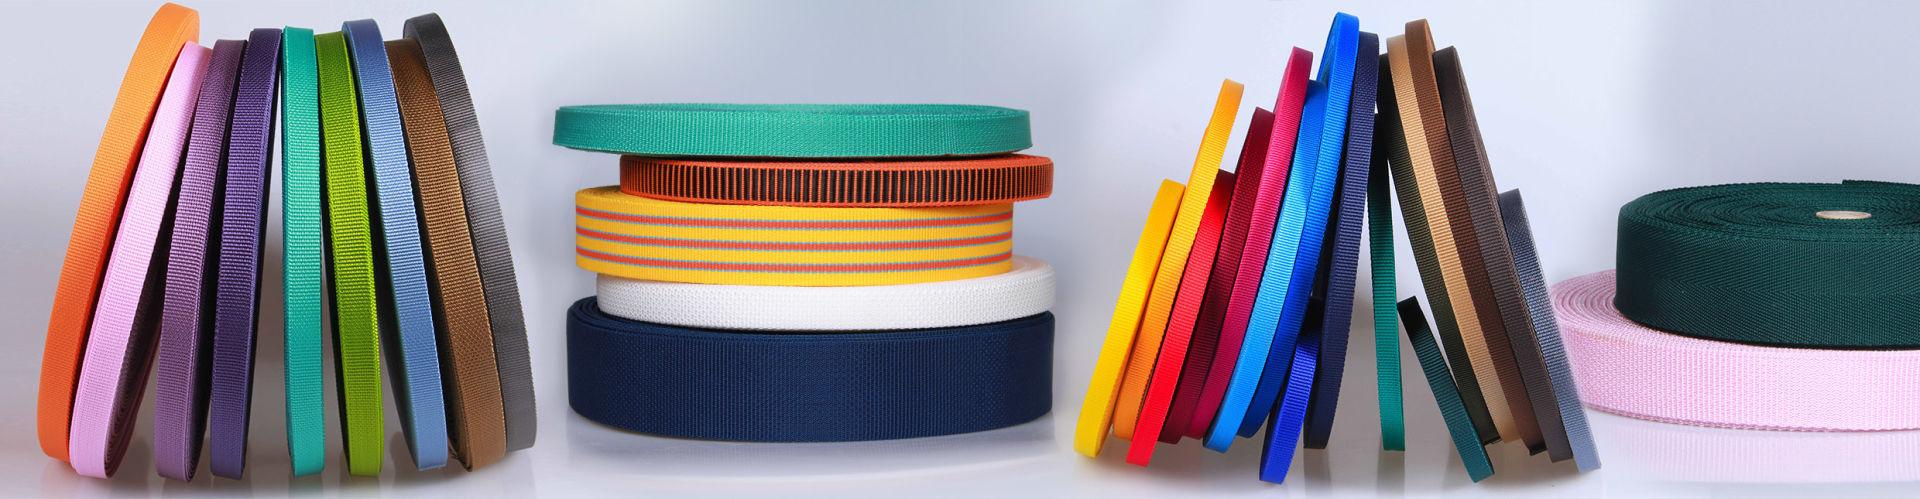 Polypropylen Gurtband Band 10mm 15mm 20mm 25mm 30mm 35mm 40mm 45mm 50mm 60